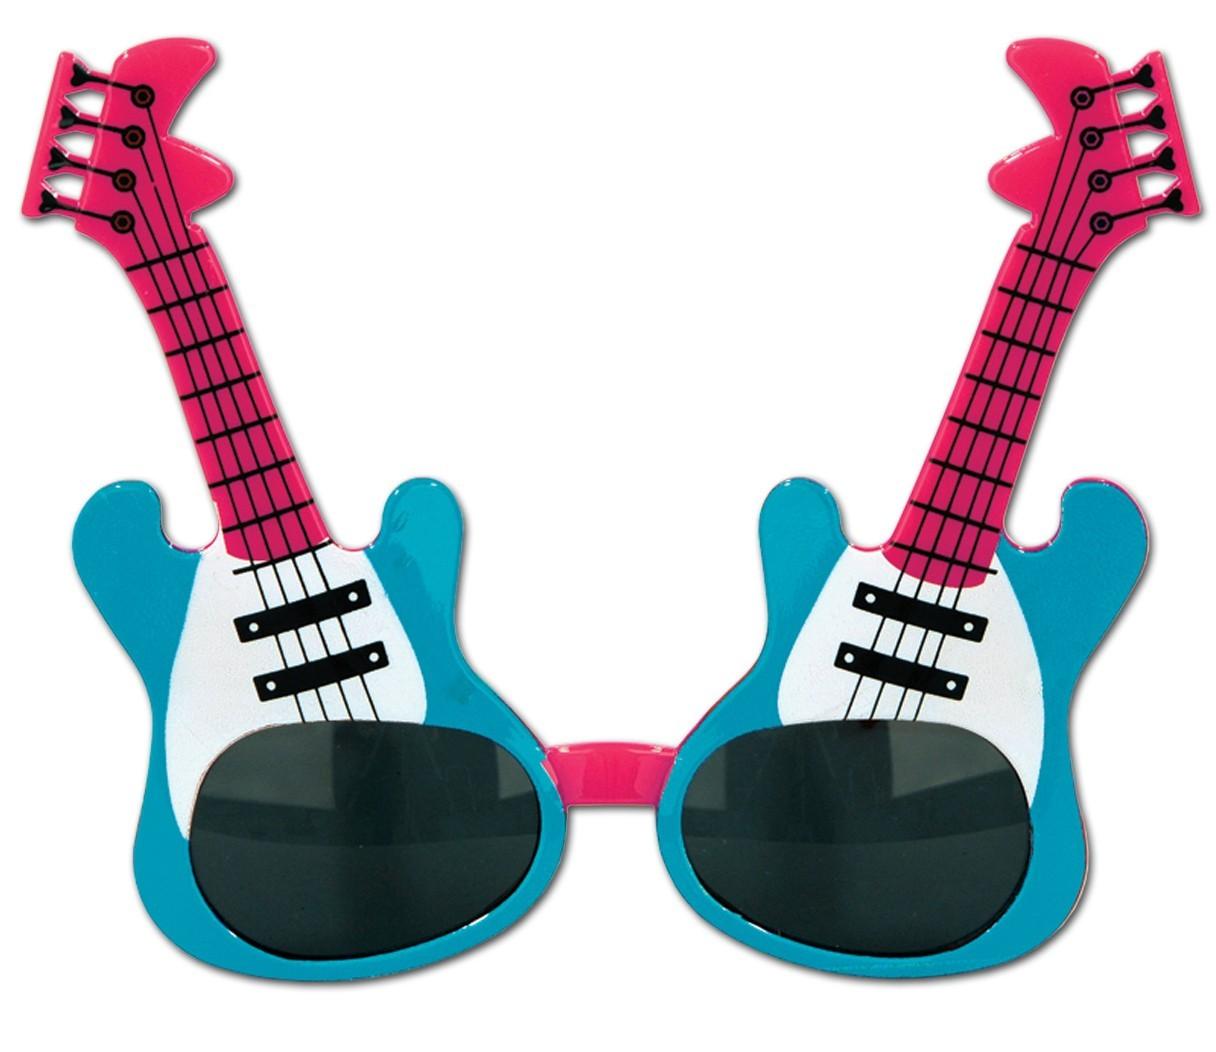 USA Gitarre Brille Rockstar Partybrille Spaßbrille Scherzbrille Rock n Roll